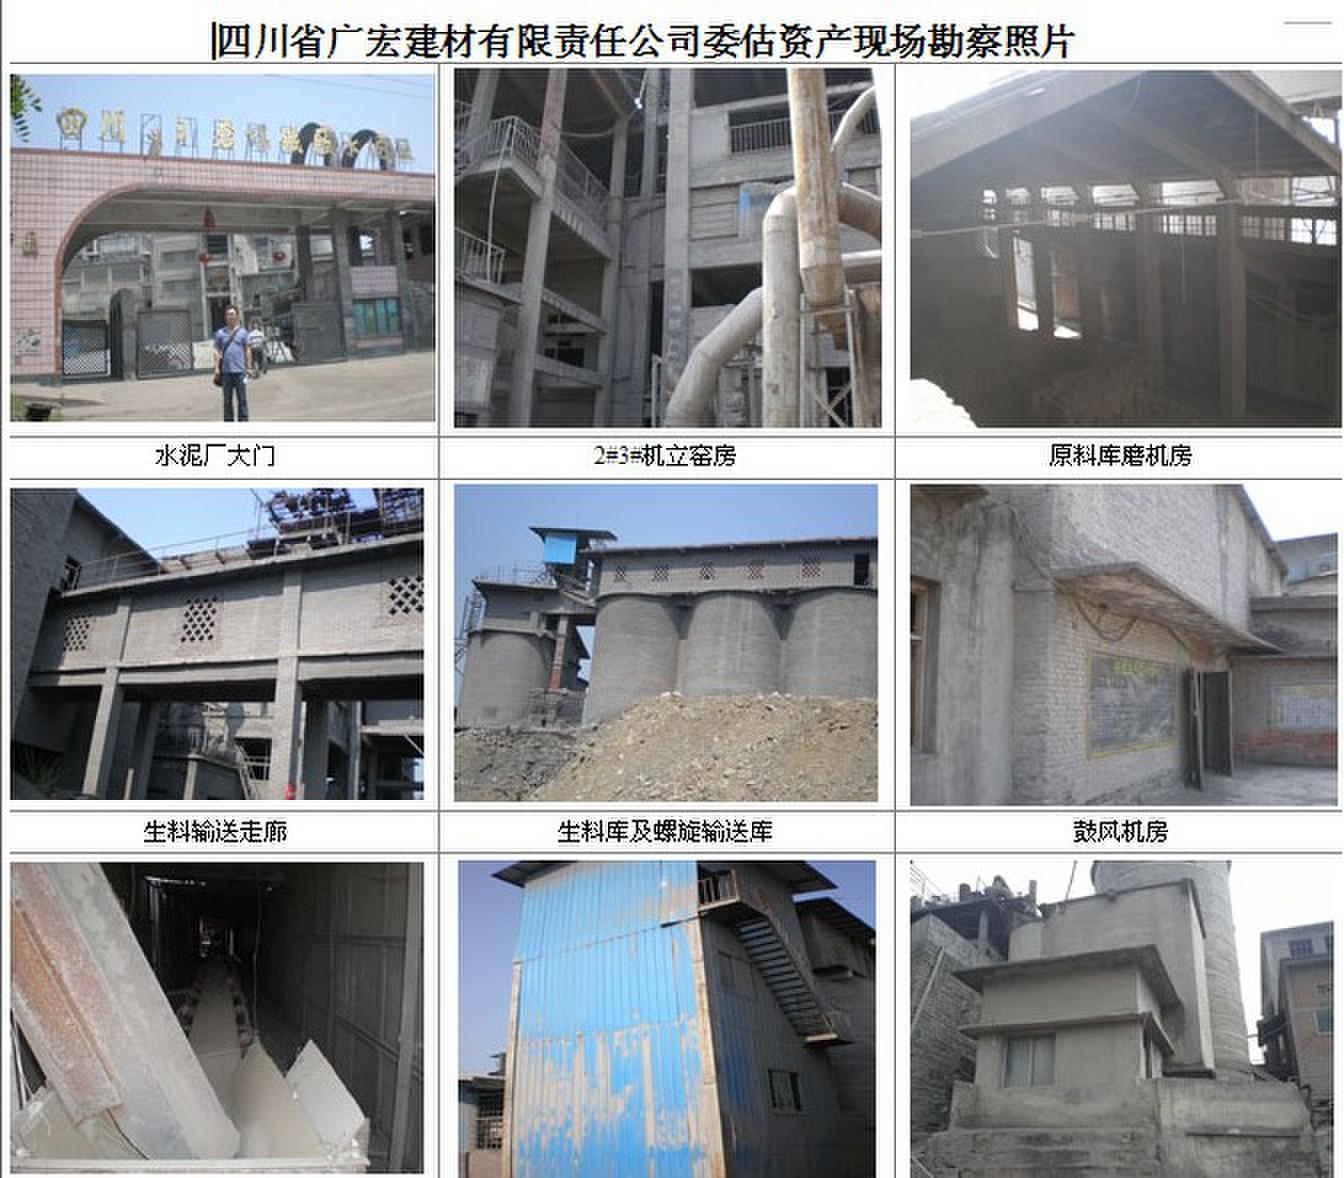 四川省广宏建材有限责任公司水泥厂拟拆除处置资产